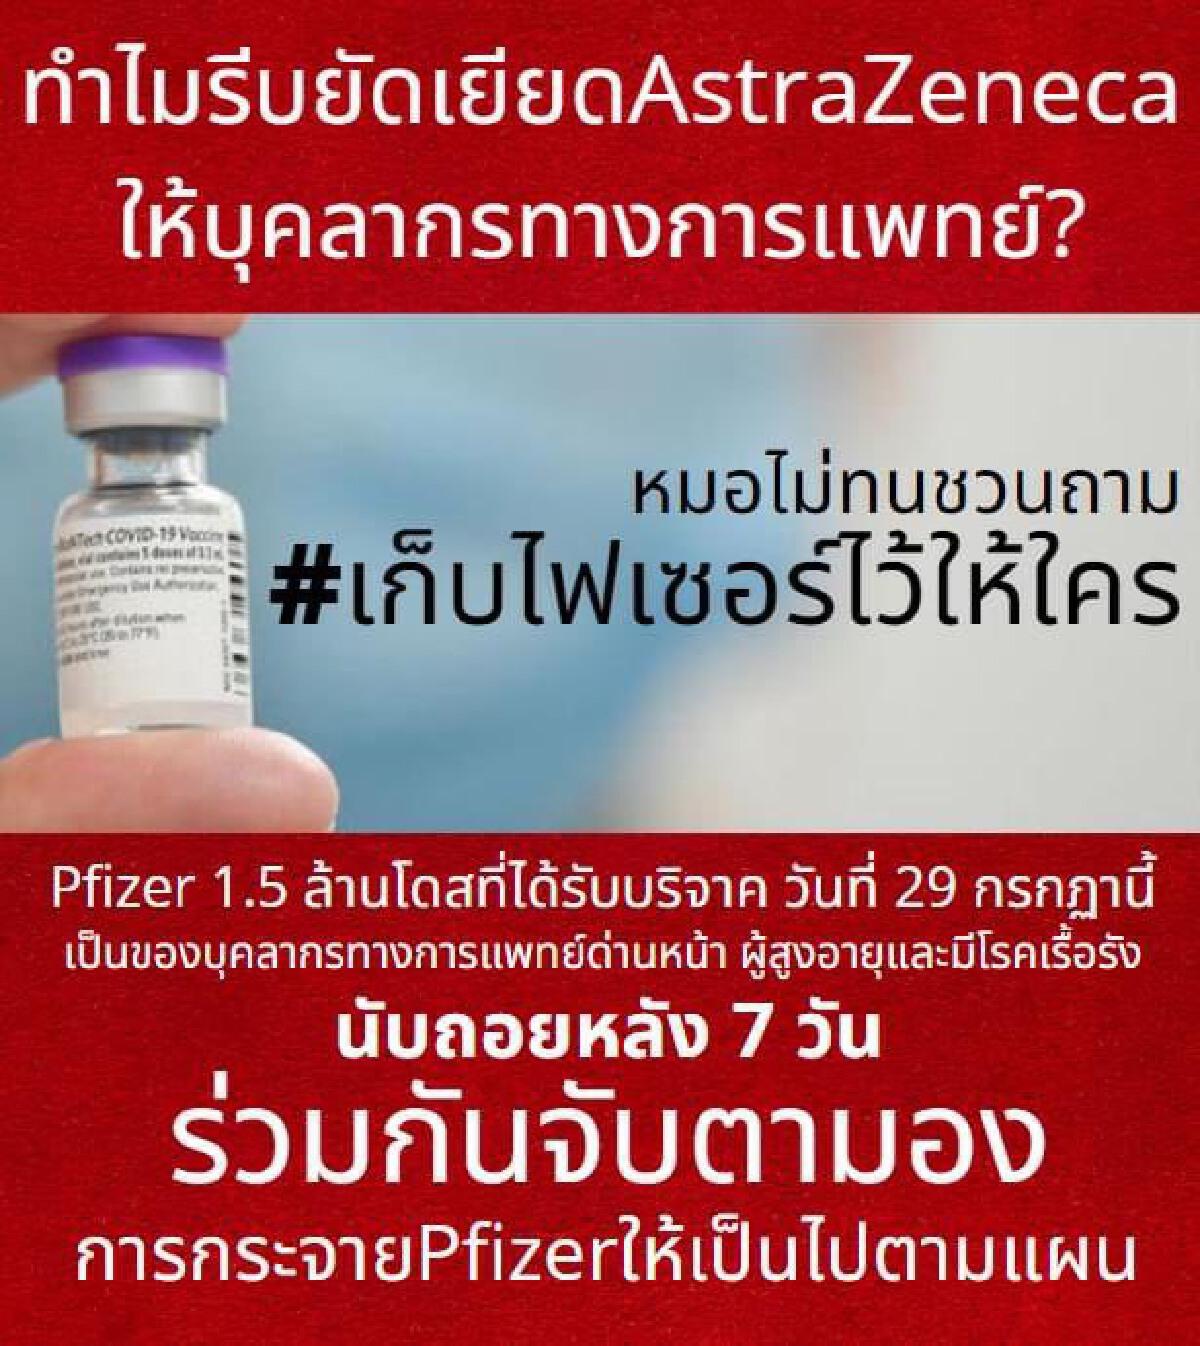 สธ.แจง#เก็บไฟเซอร์ไว้ให้ใคร หลังให้ บุคลากรแพทย์ ฉีดวัคซีนแอสตร้าฯ เข็ม3